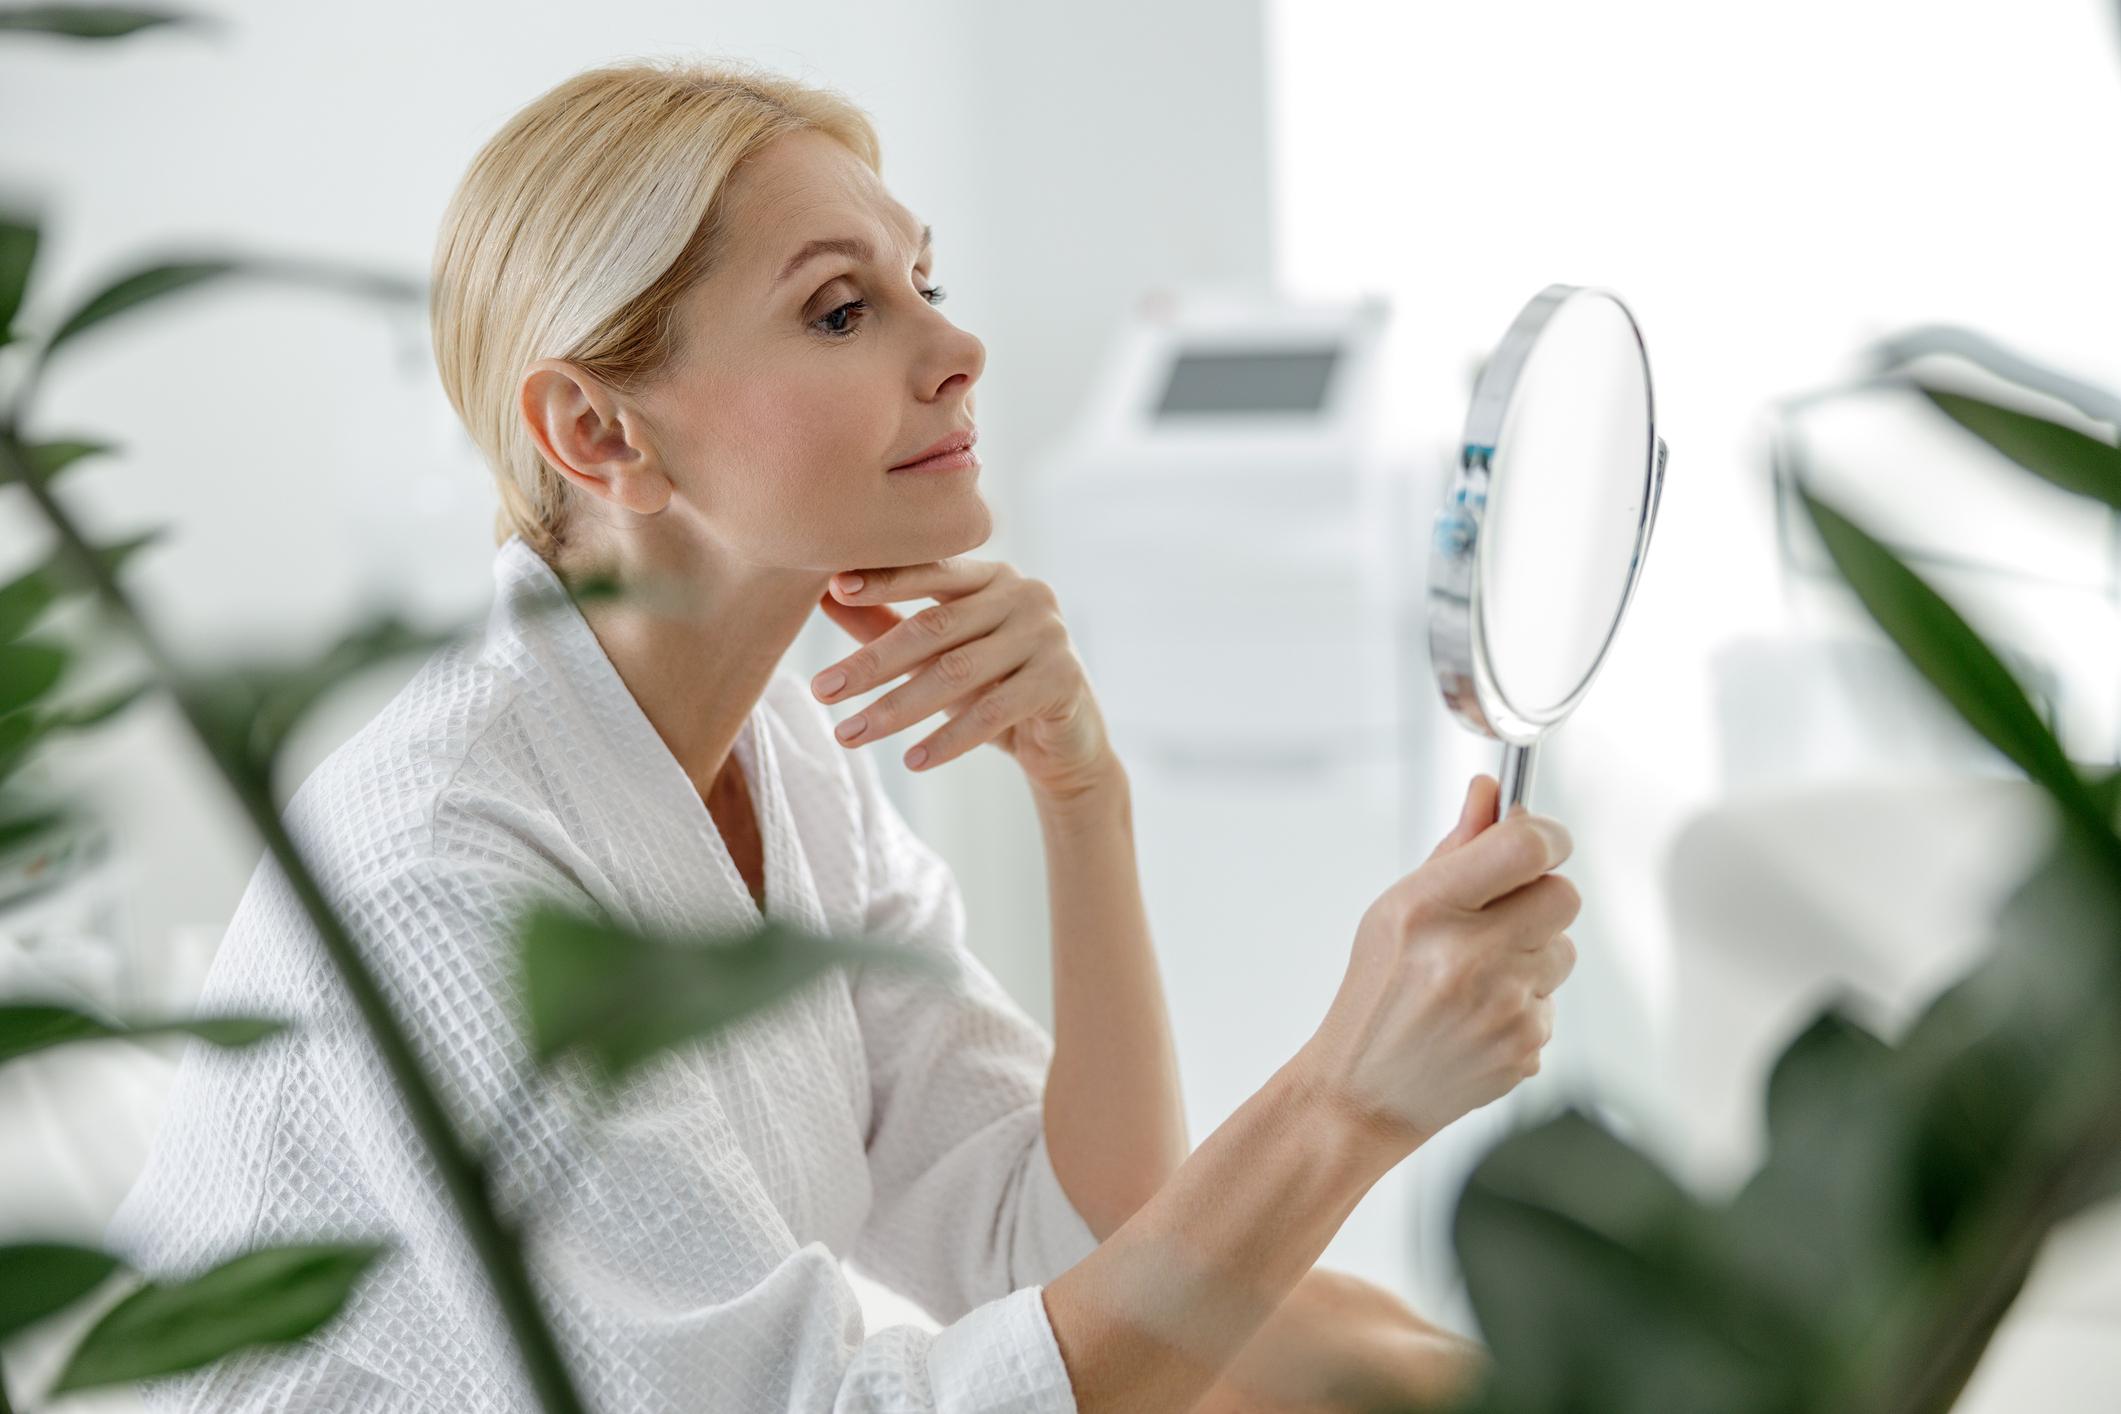 JUVA Skin & Laser Center Blog | Liquid Facelift vs Surgical Facelift: Which should I get?